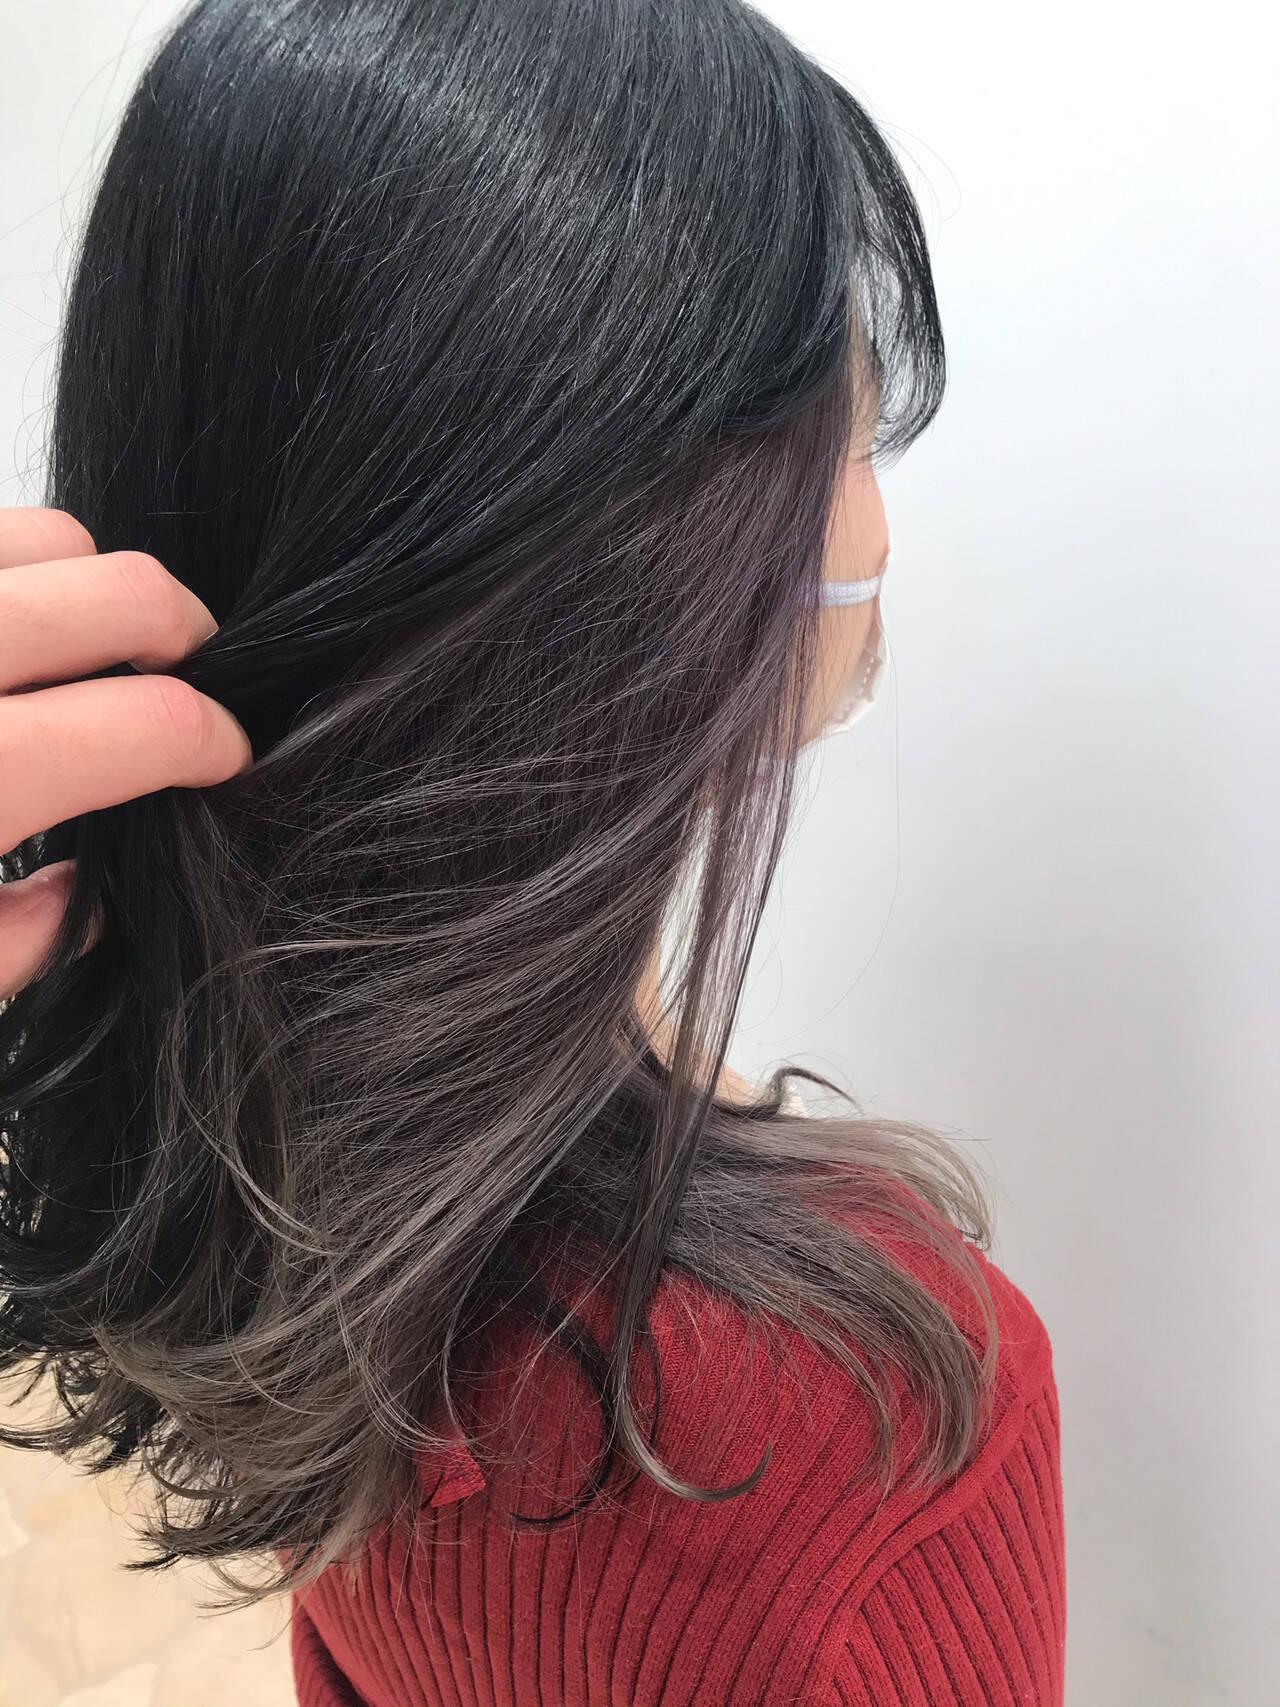 インナーカラー インナーカラーグレー インナーカラーパープル セミロングヘアスタイルや髪型の写真・画像